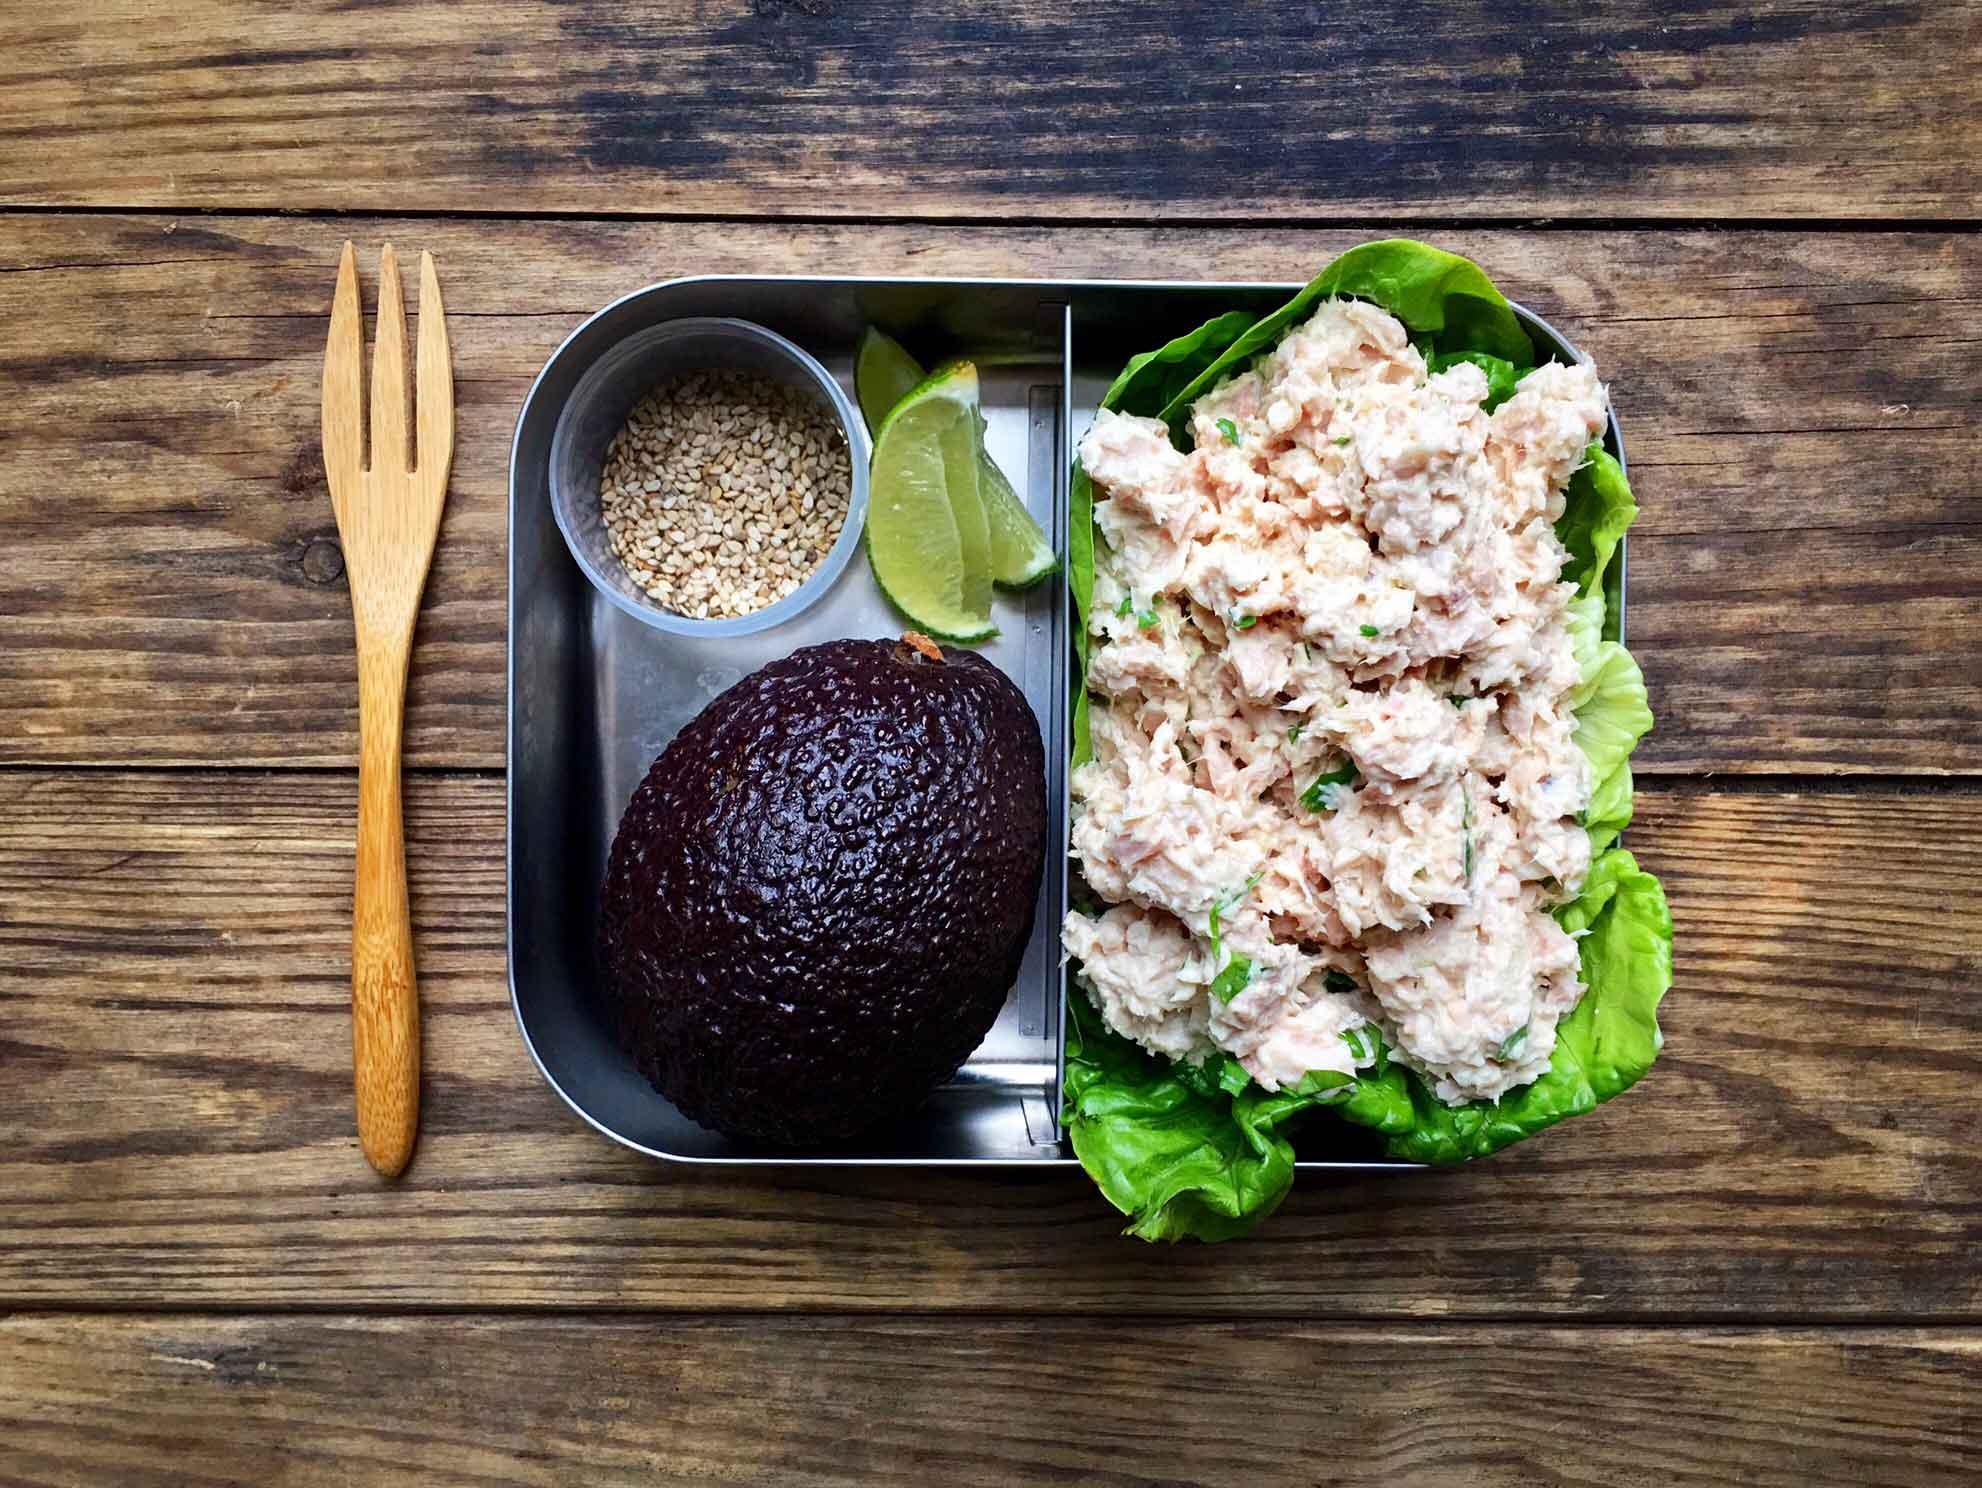 Tun i wasabi med avokado - nem, lækker og sund madpakke. Opskrift og madpakke idéer her: